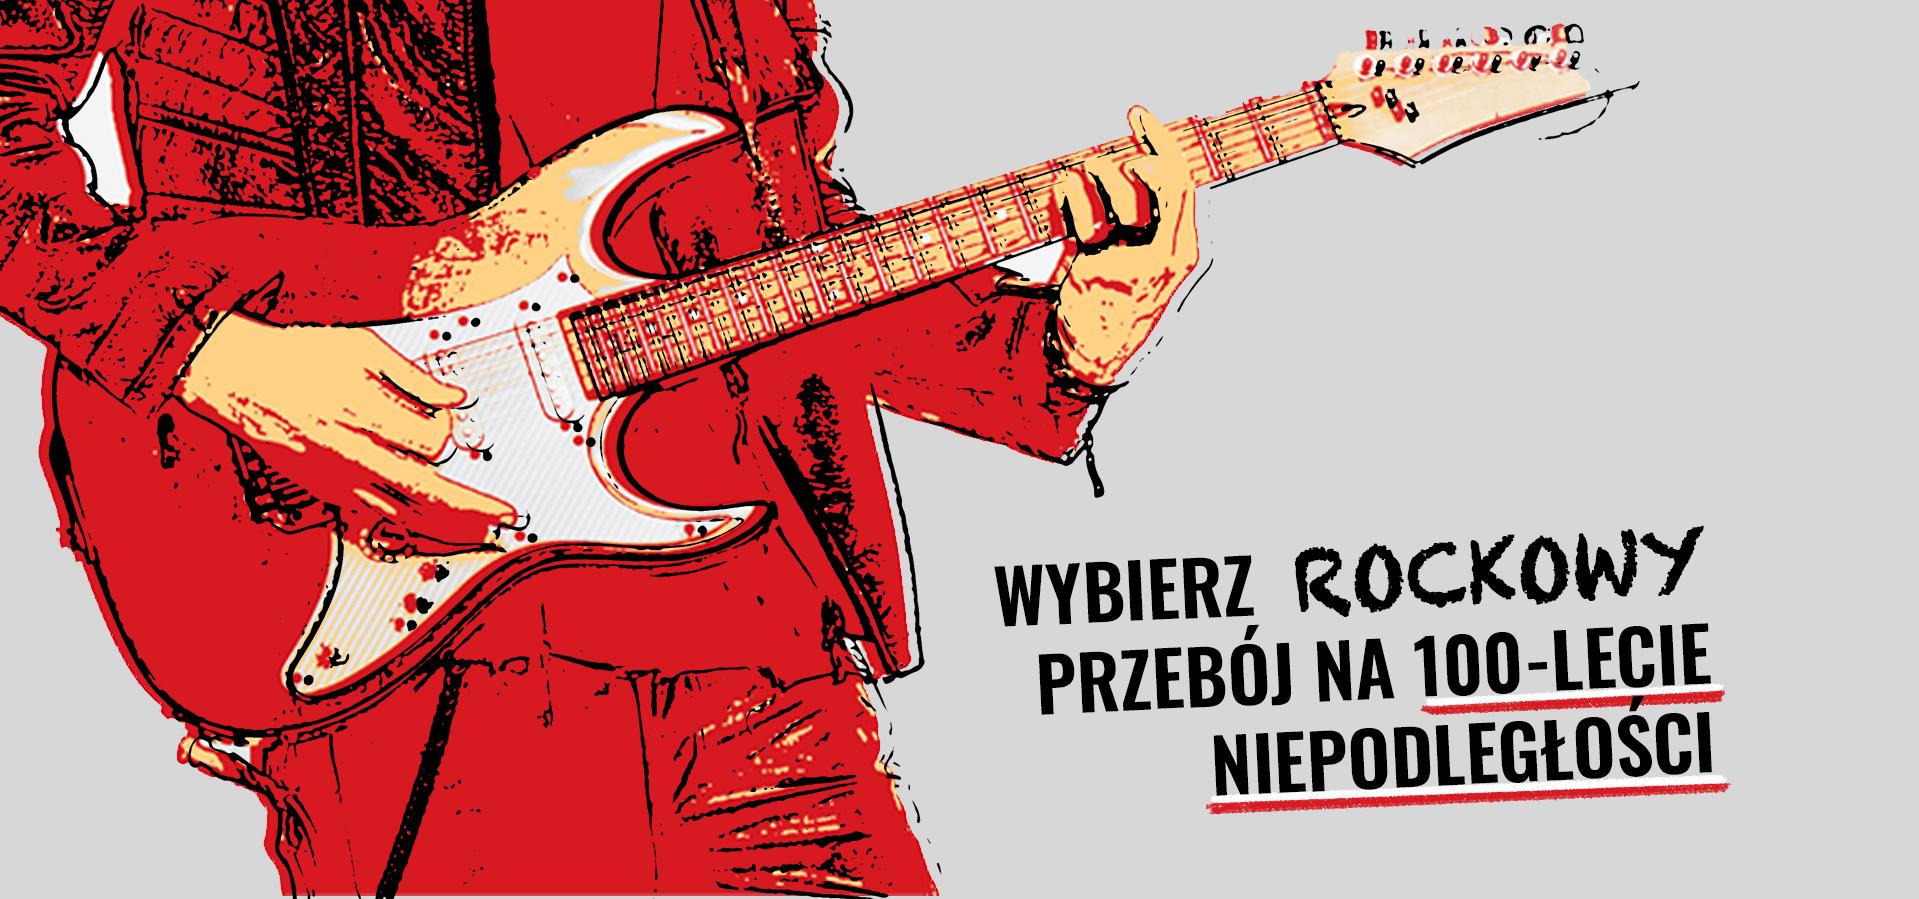 Wybierz rockowy przebój na 100-lecie niepodległości